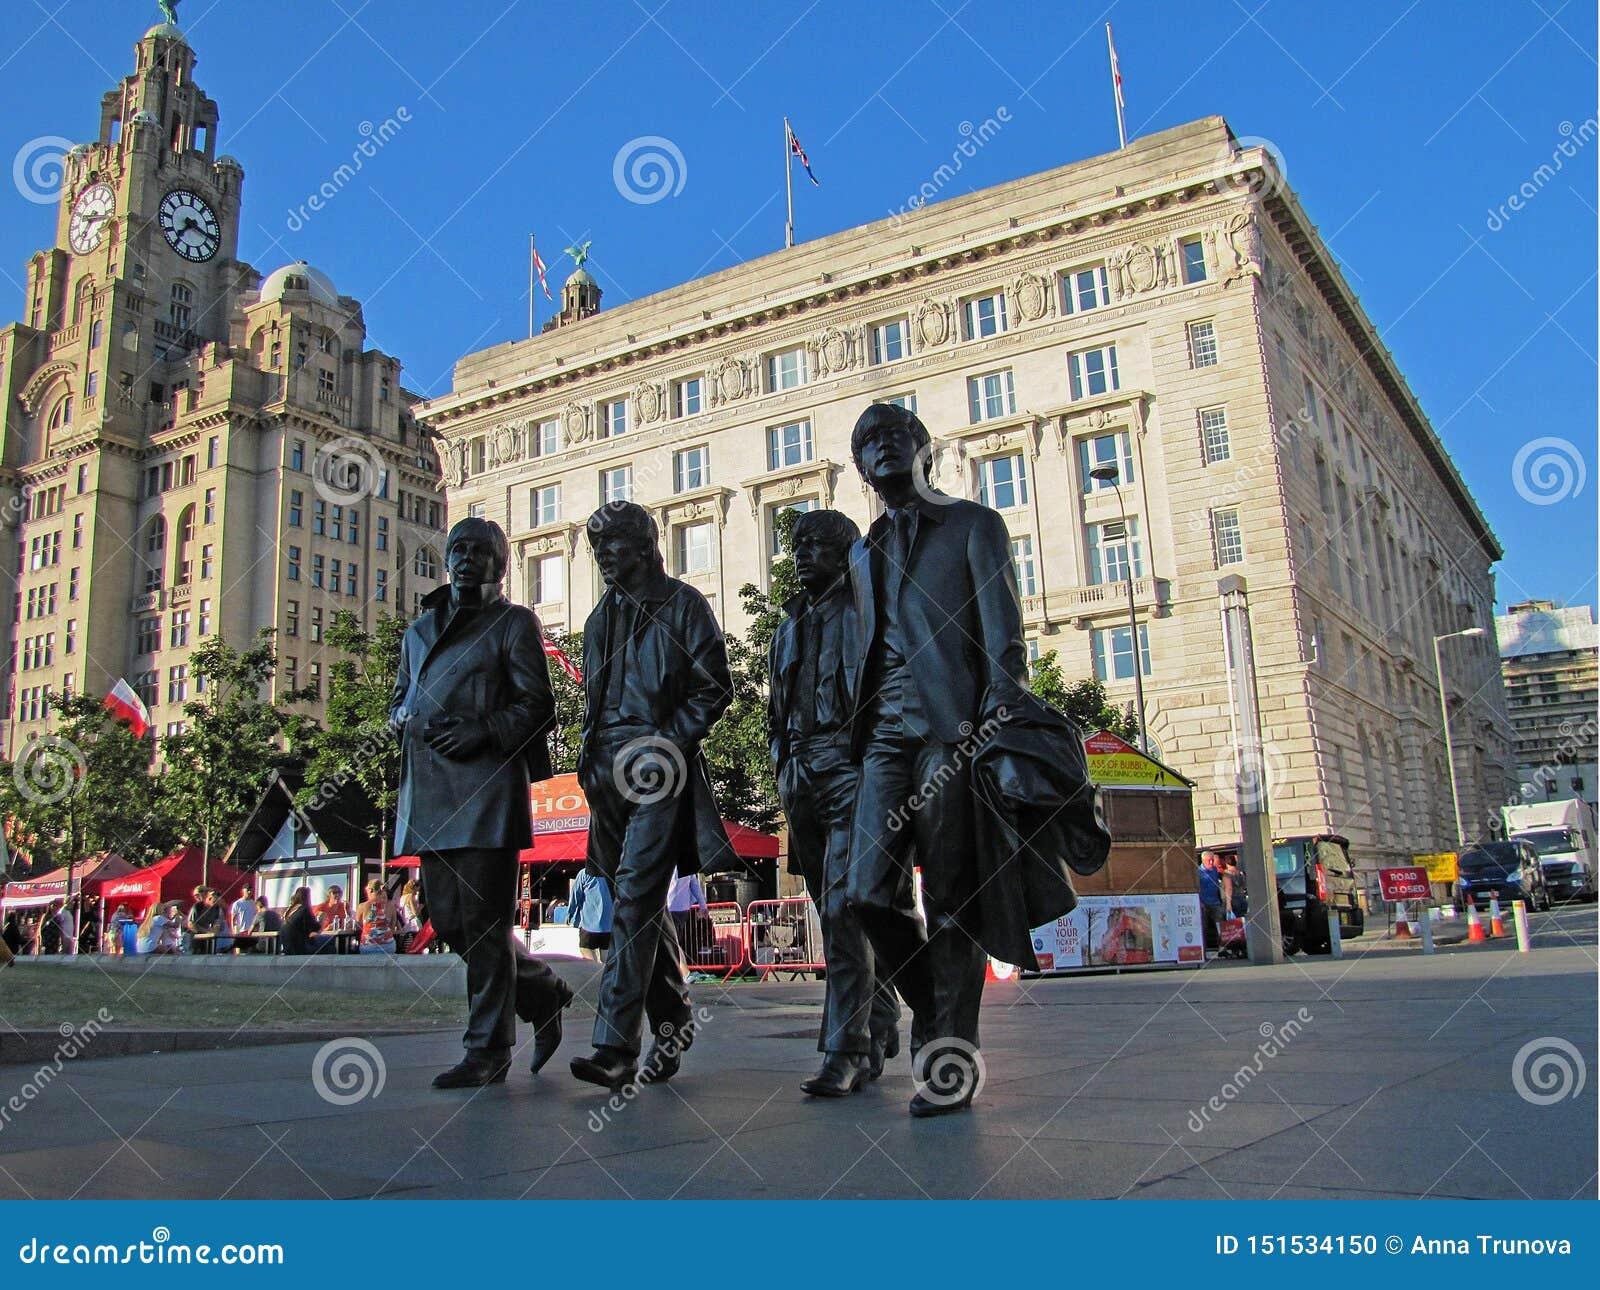 Brązowa statua reprezentuje Bitelsi odprowadzenie wzdłuż ulicy w Liverpool